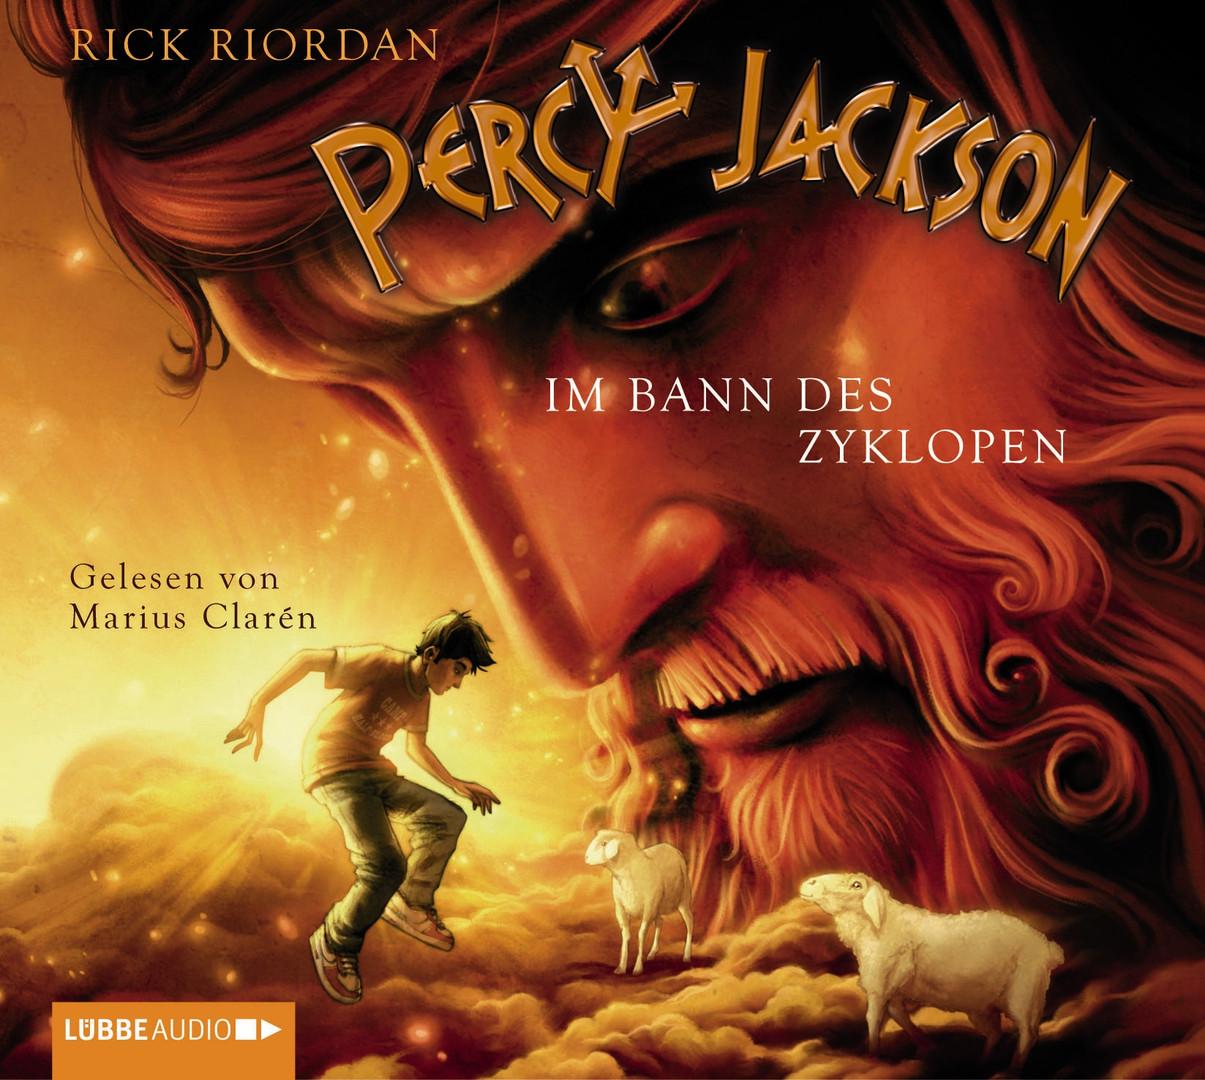 Rick Riordan - Percy Jackson - Teil 2: Im Bann des Zyklopen